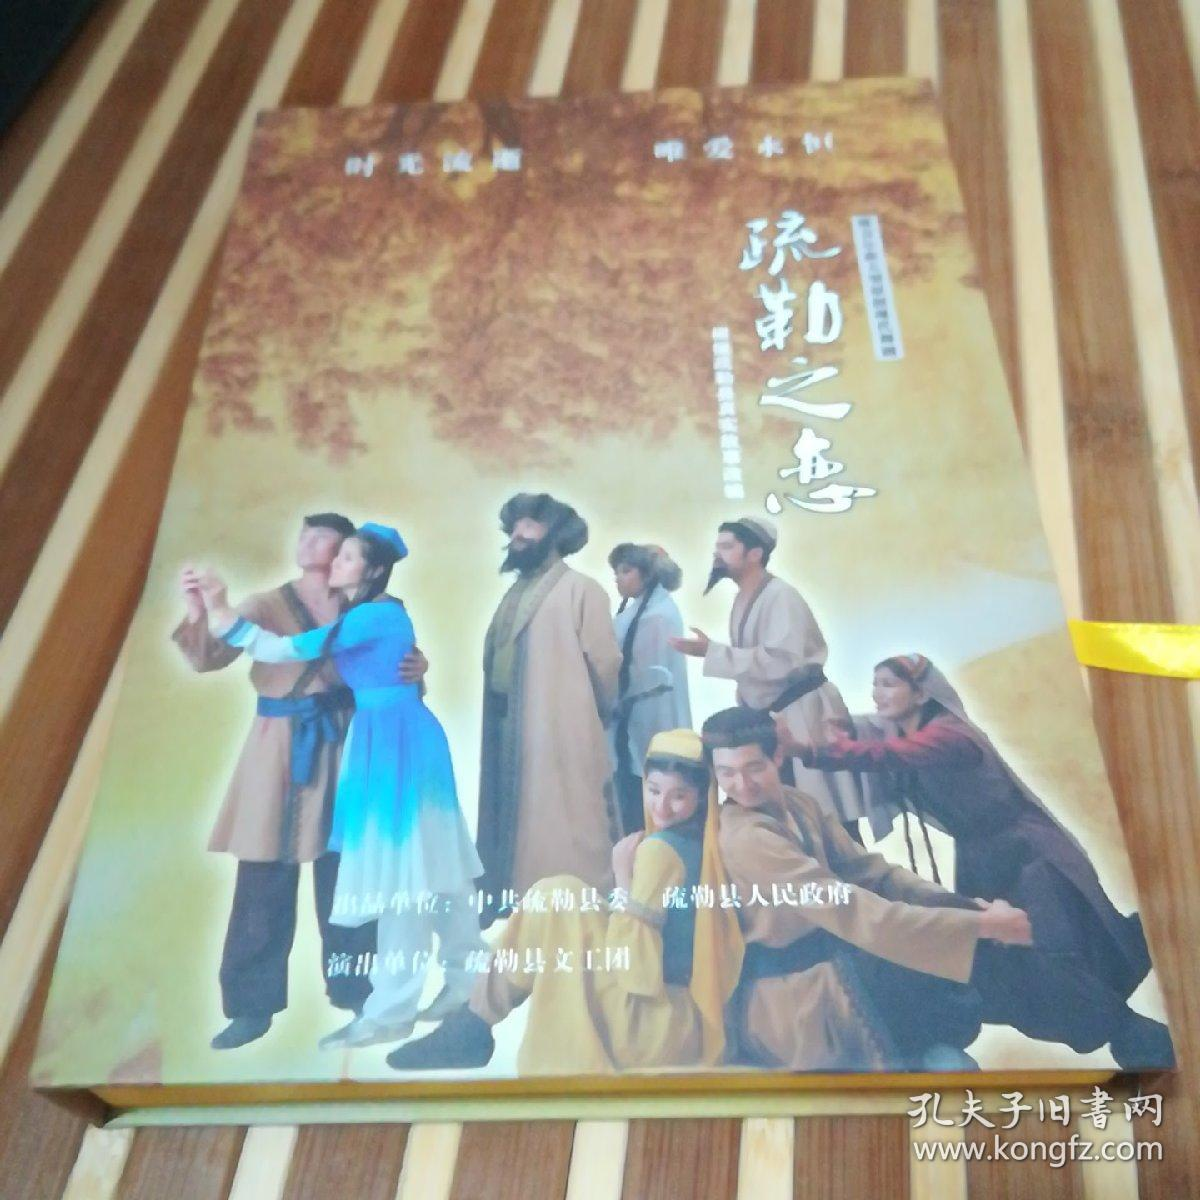 维吾尔族大型现代舞剧《疏勒之恋》根据疏勒县真实故事改编 书+3DVD